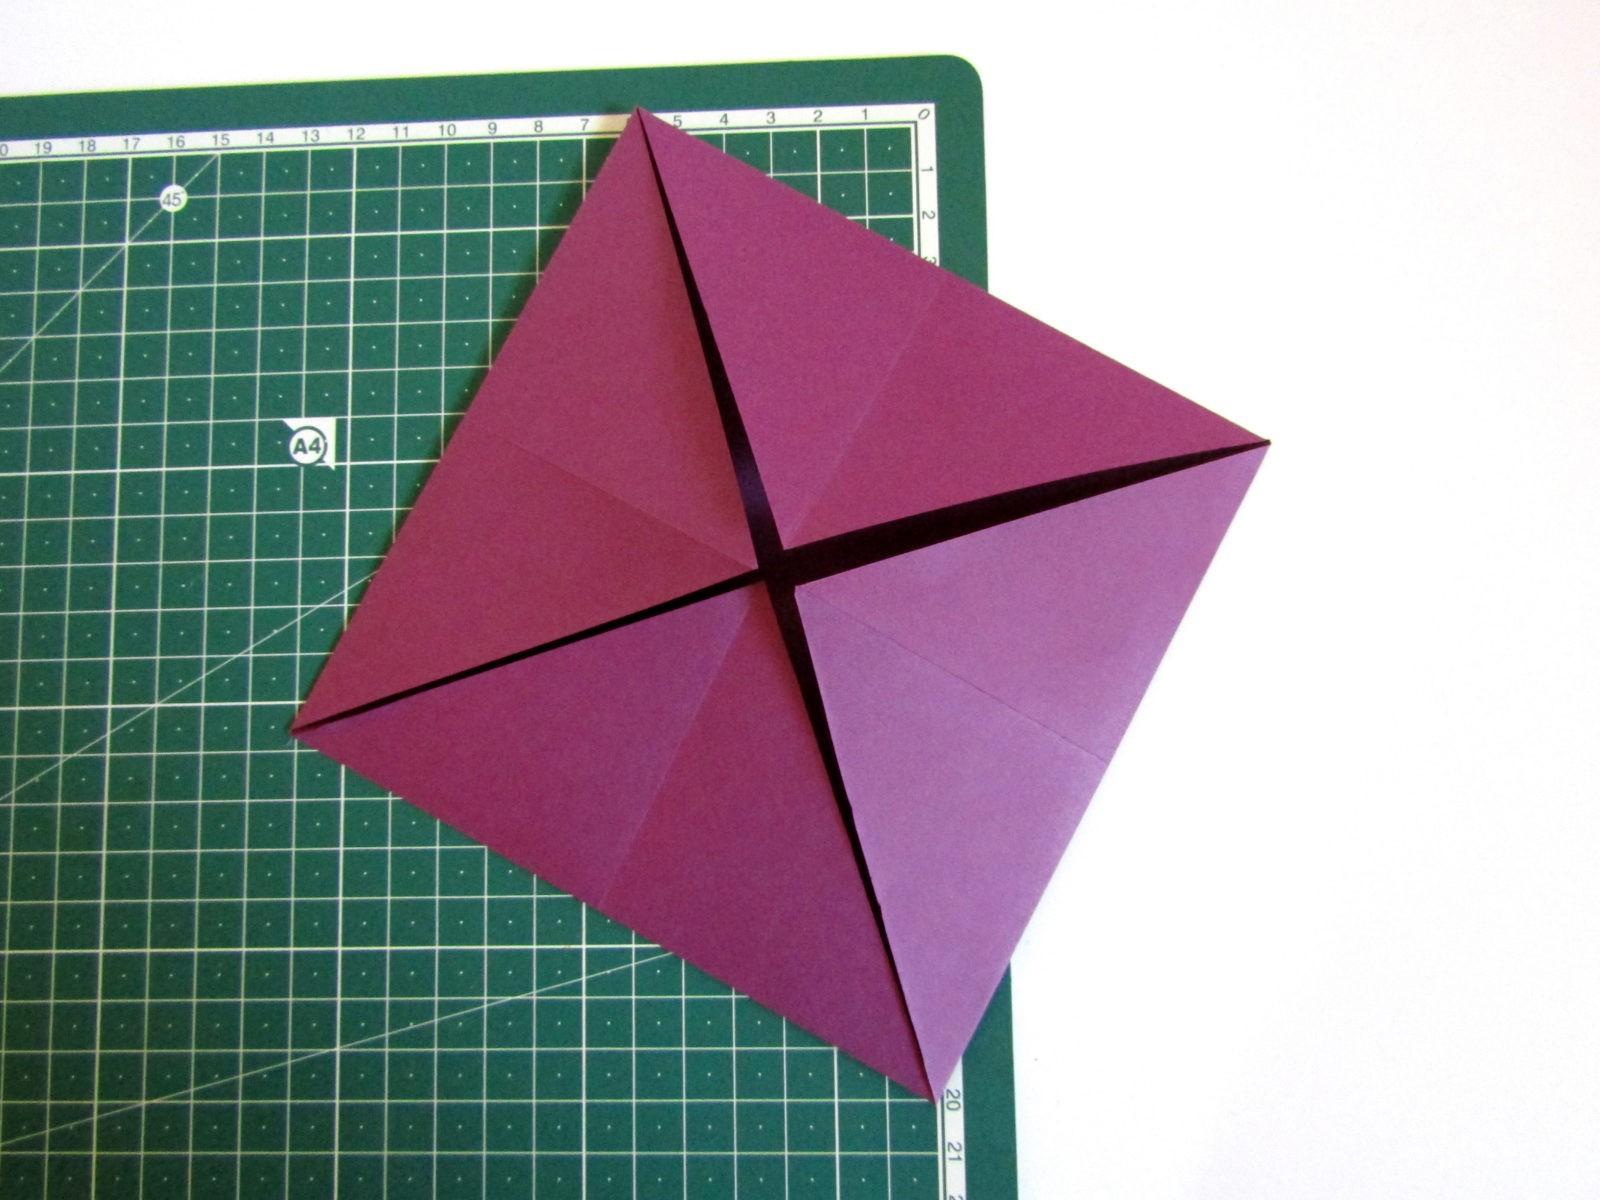 Очень легко и просто можно создать объемную поделку без использования клея. Конечно, даже ножницы могут и не понадобиться, если изначально у вас будет готовая заготовка в виде квадрата. Так получим собачку оригами благодаря ловкости рук! - 5